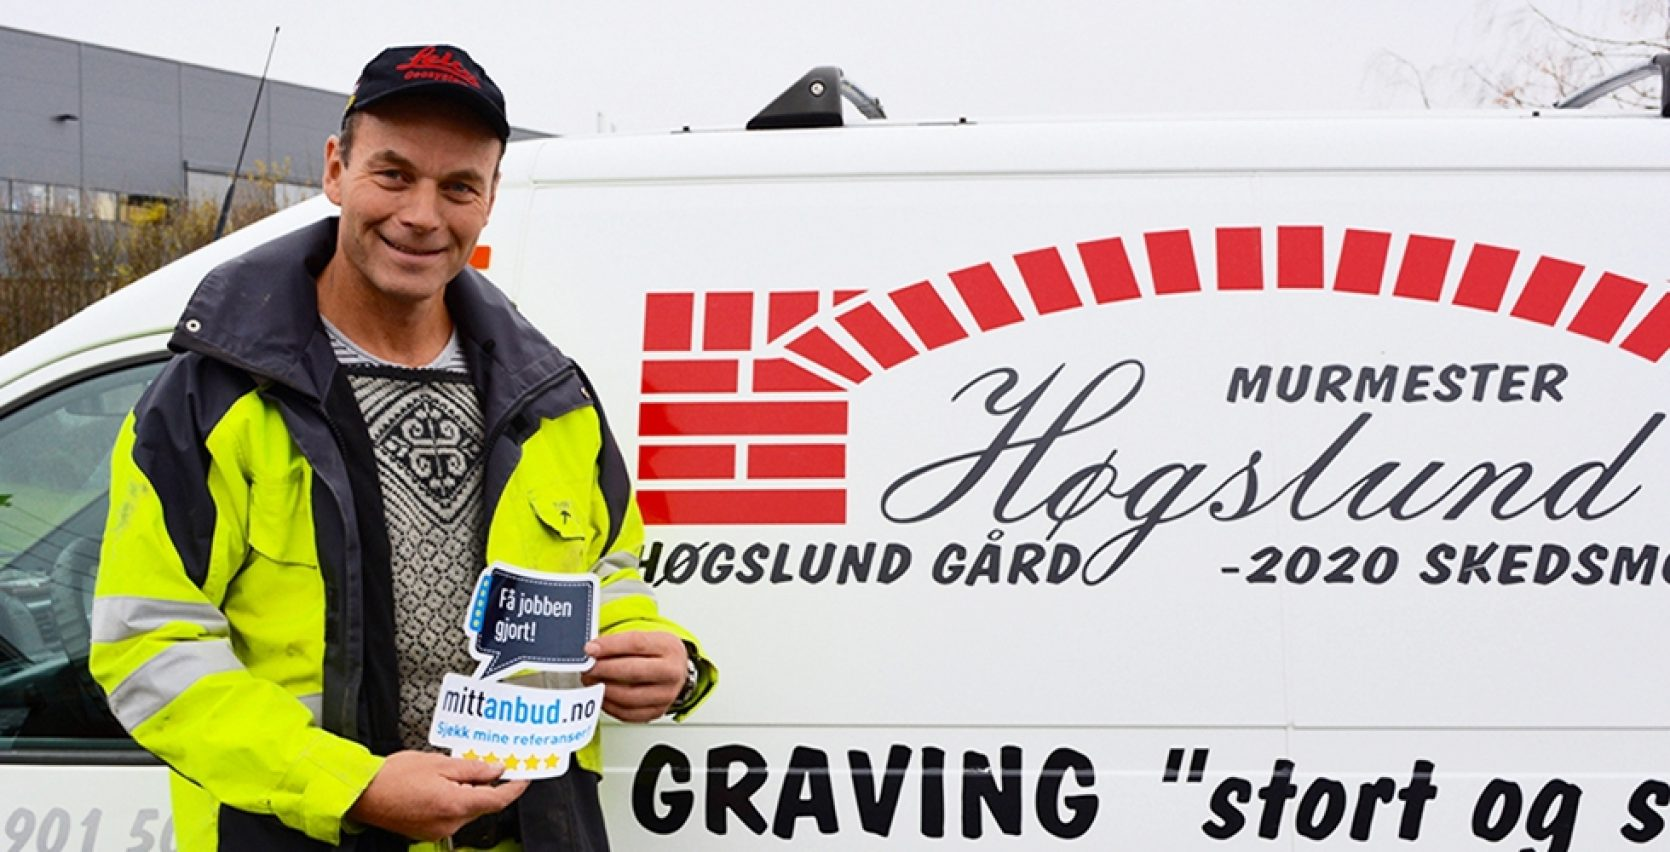 Murmester Høgslund